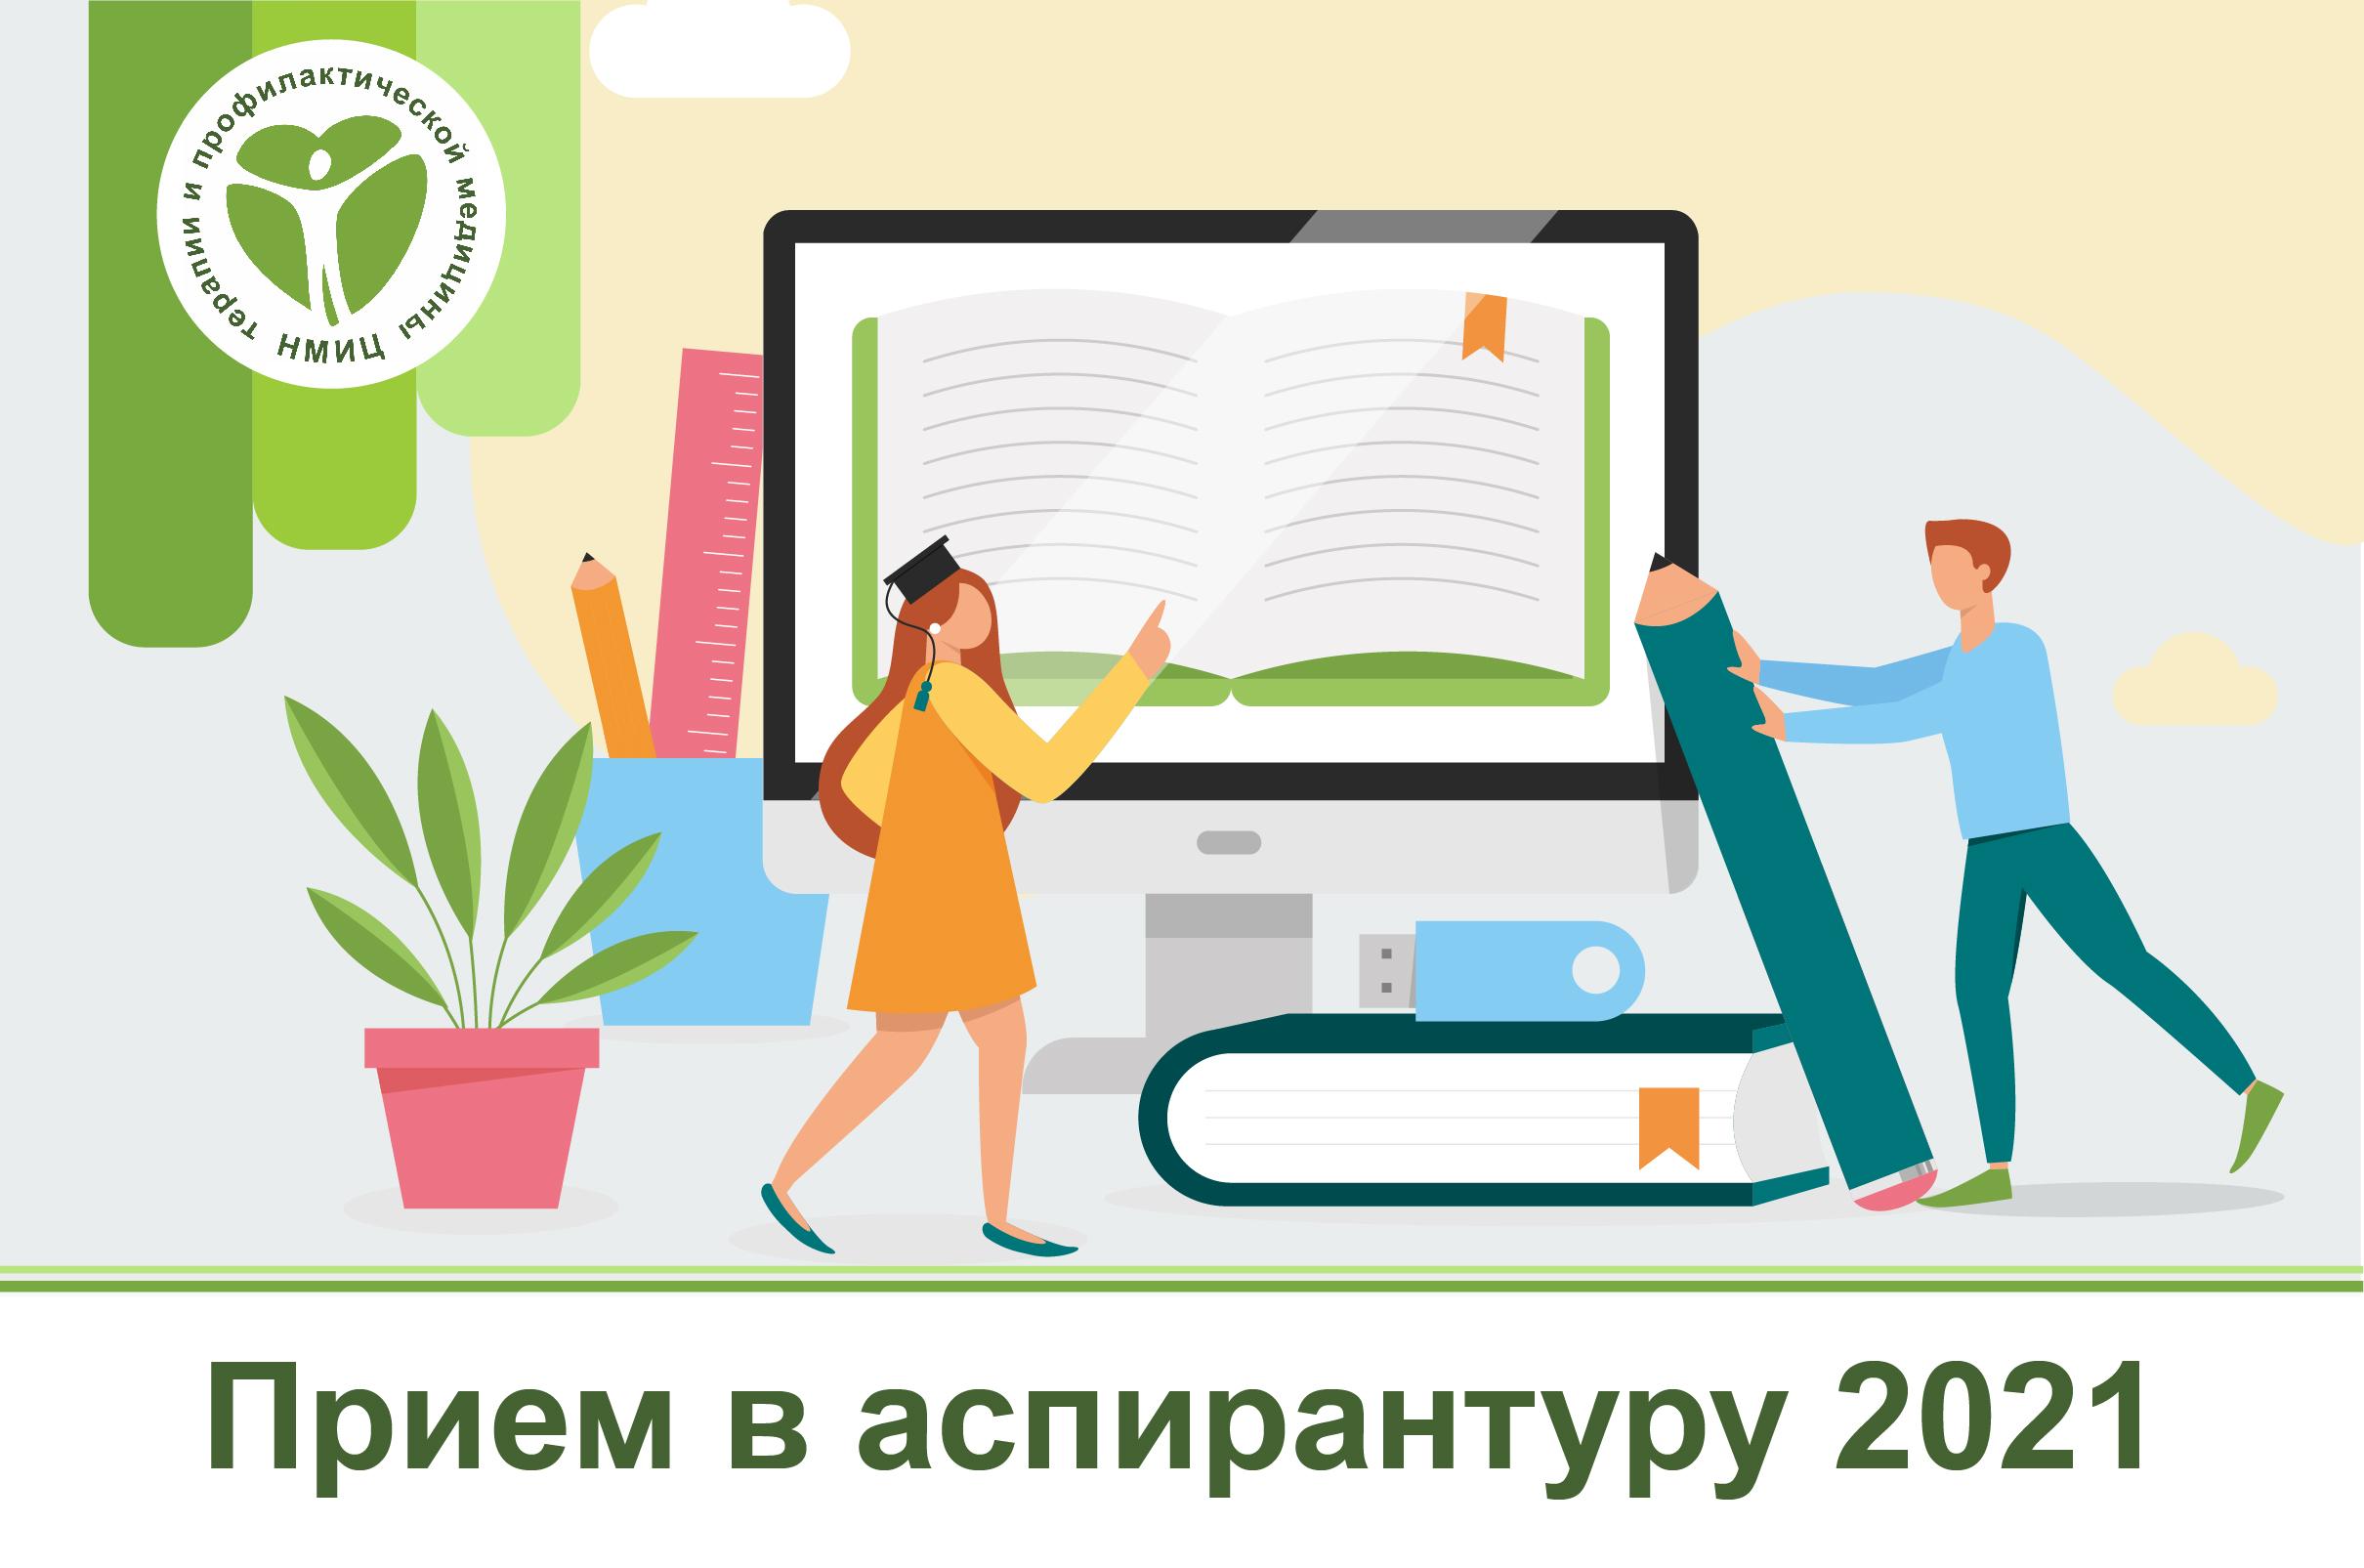 Поступление в аспирантуру ФГБУ «НМИЦ ТПМ» Минздрава России